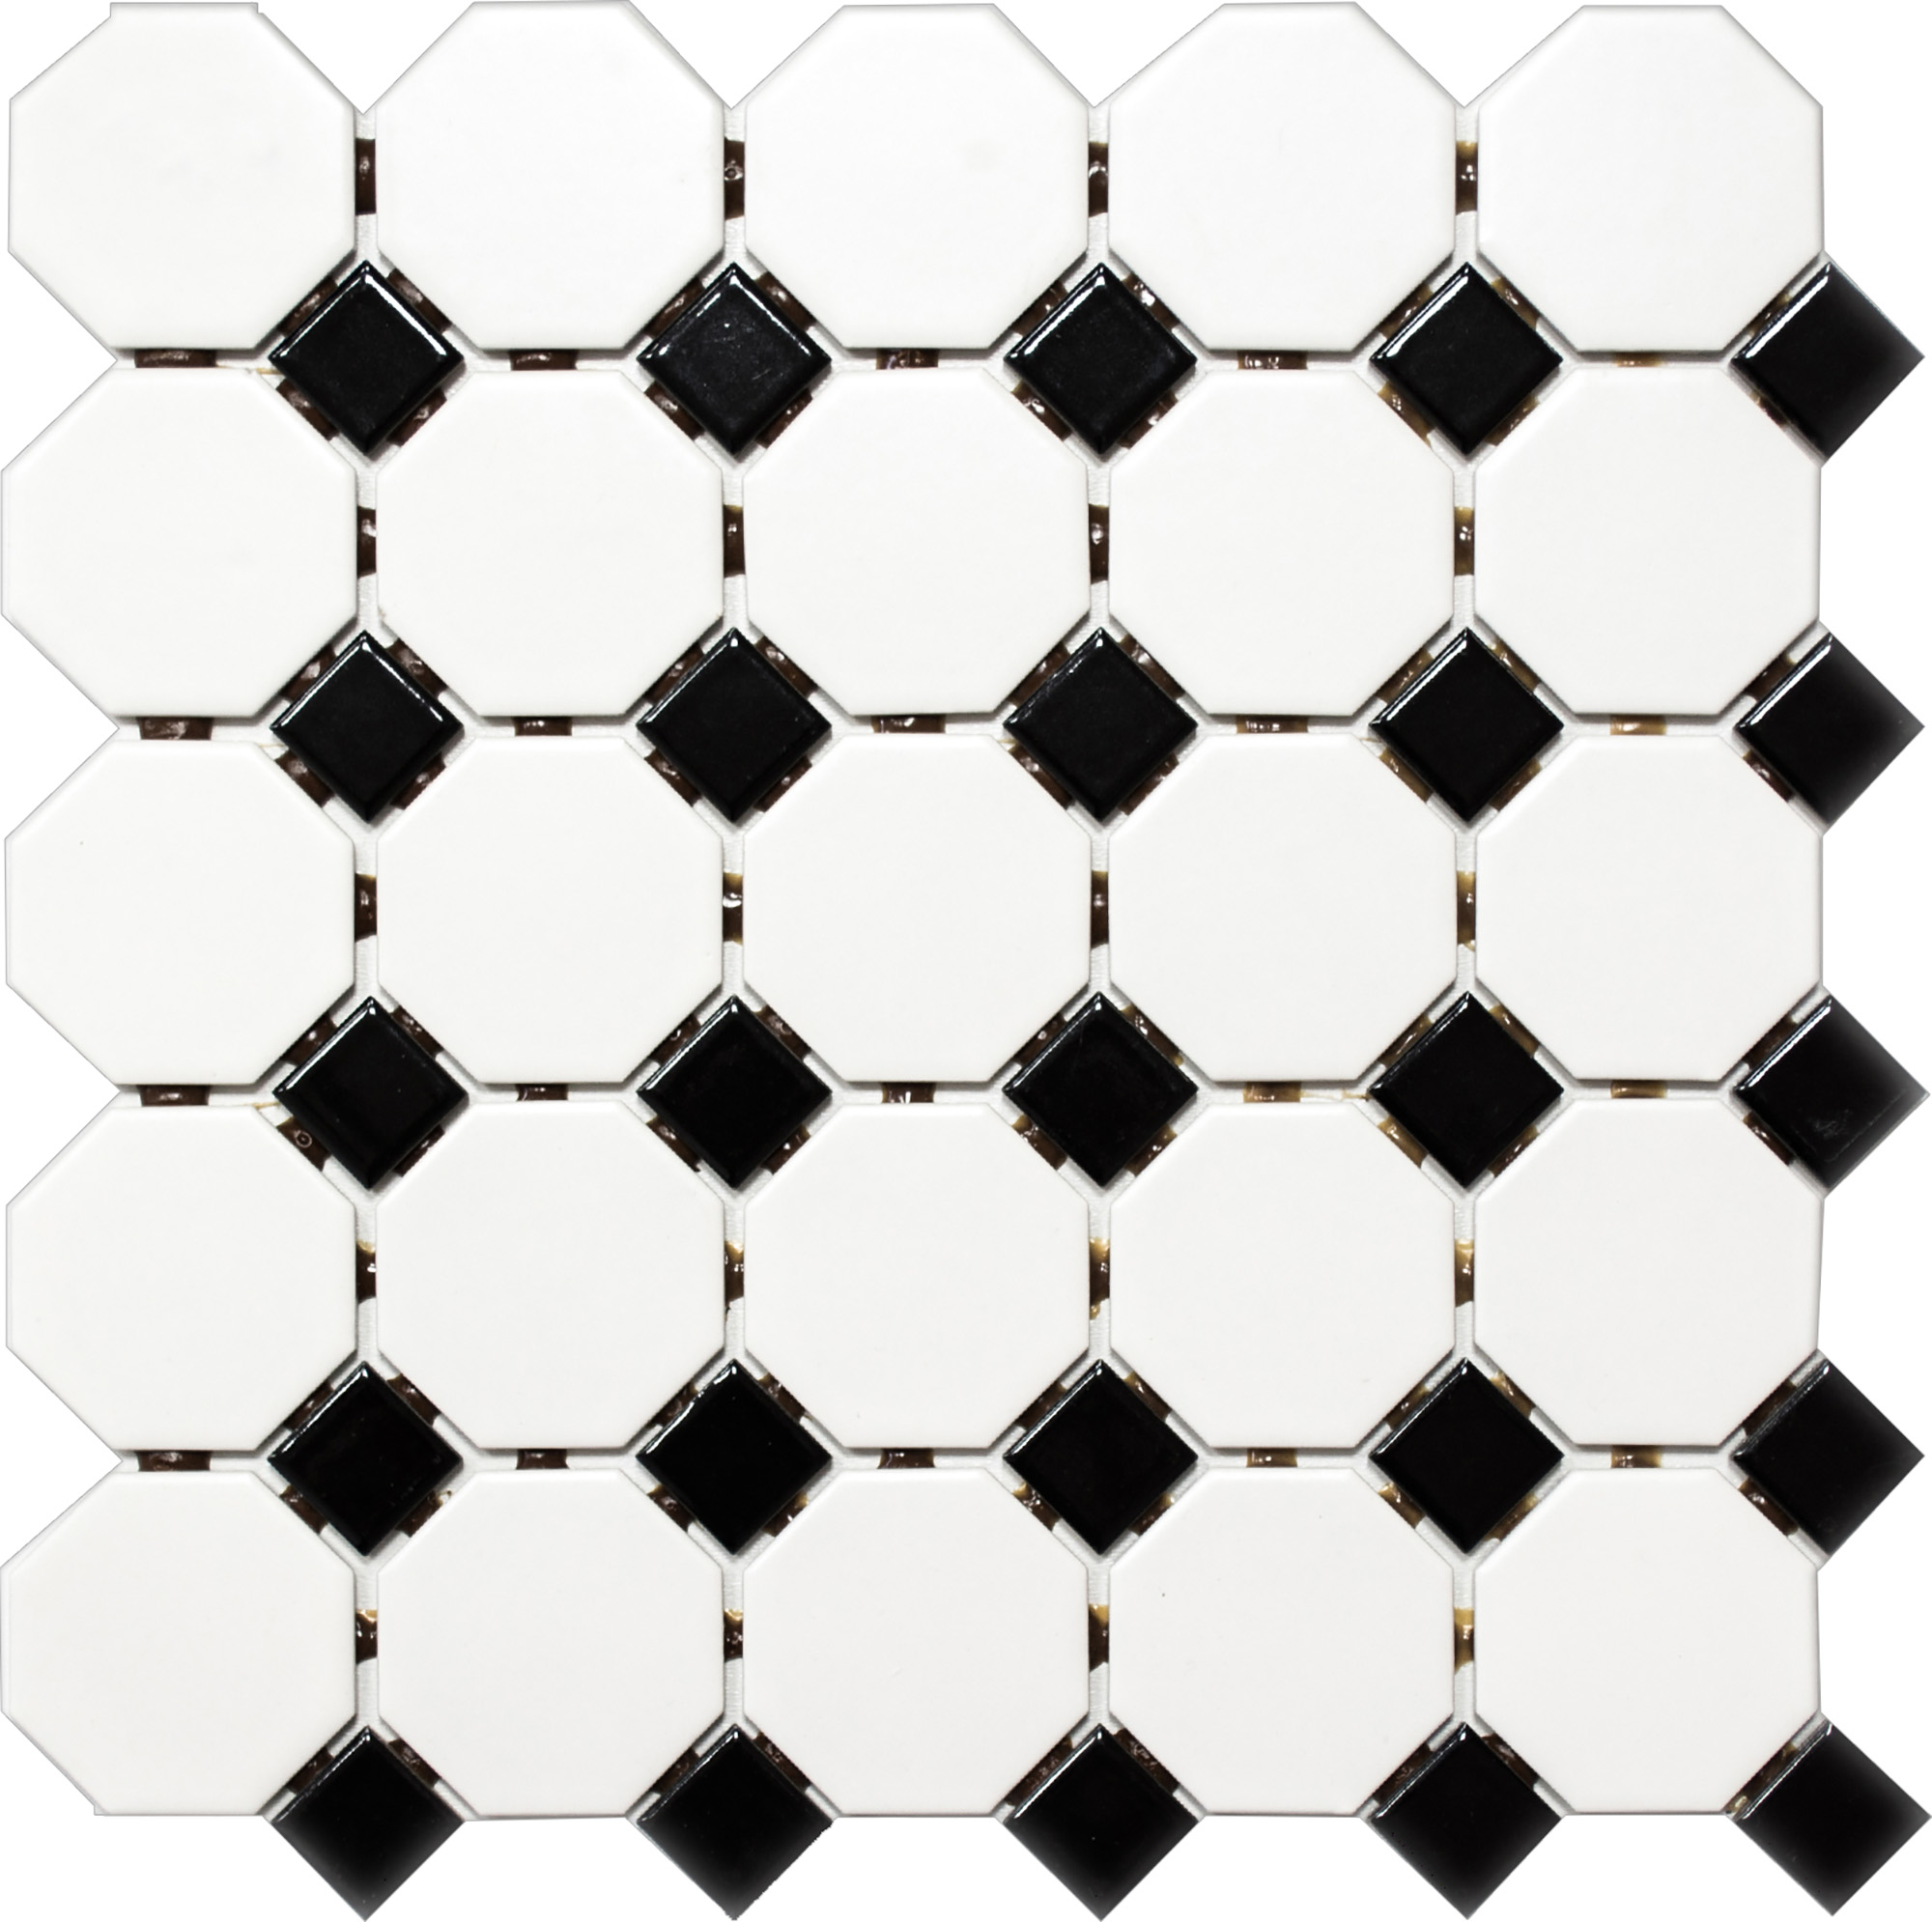 OCTAG468, Octagon, Valkoinen, mosaiiikki,lattia,pakkasenkesto